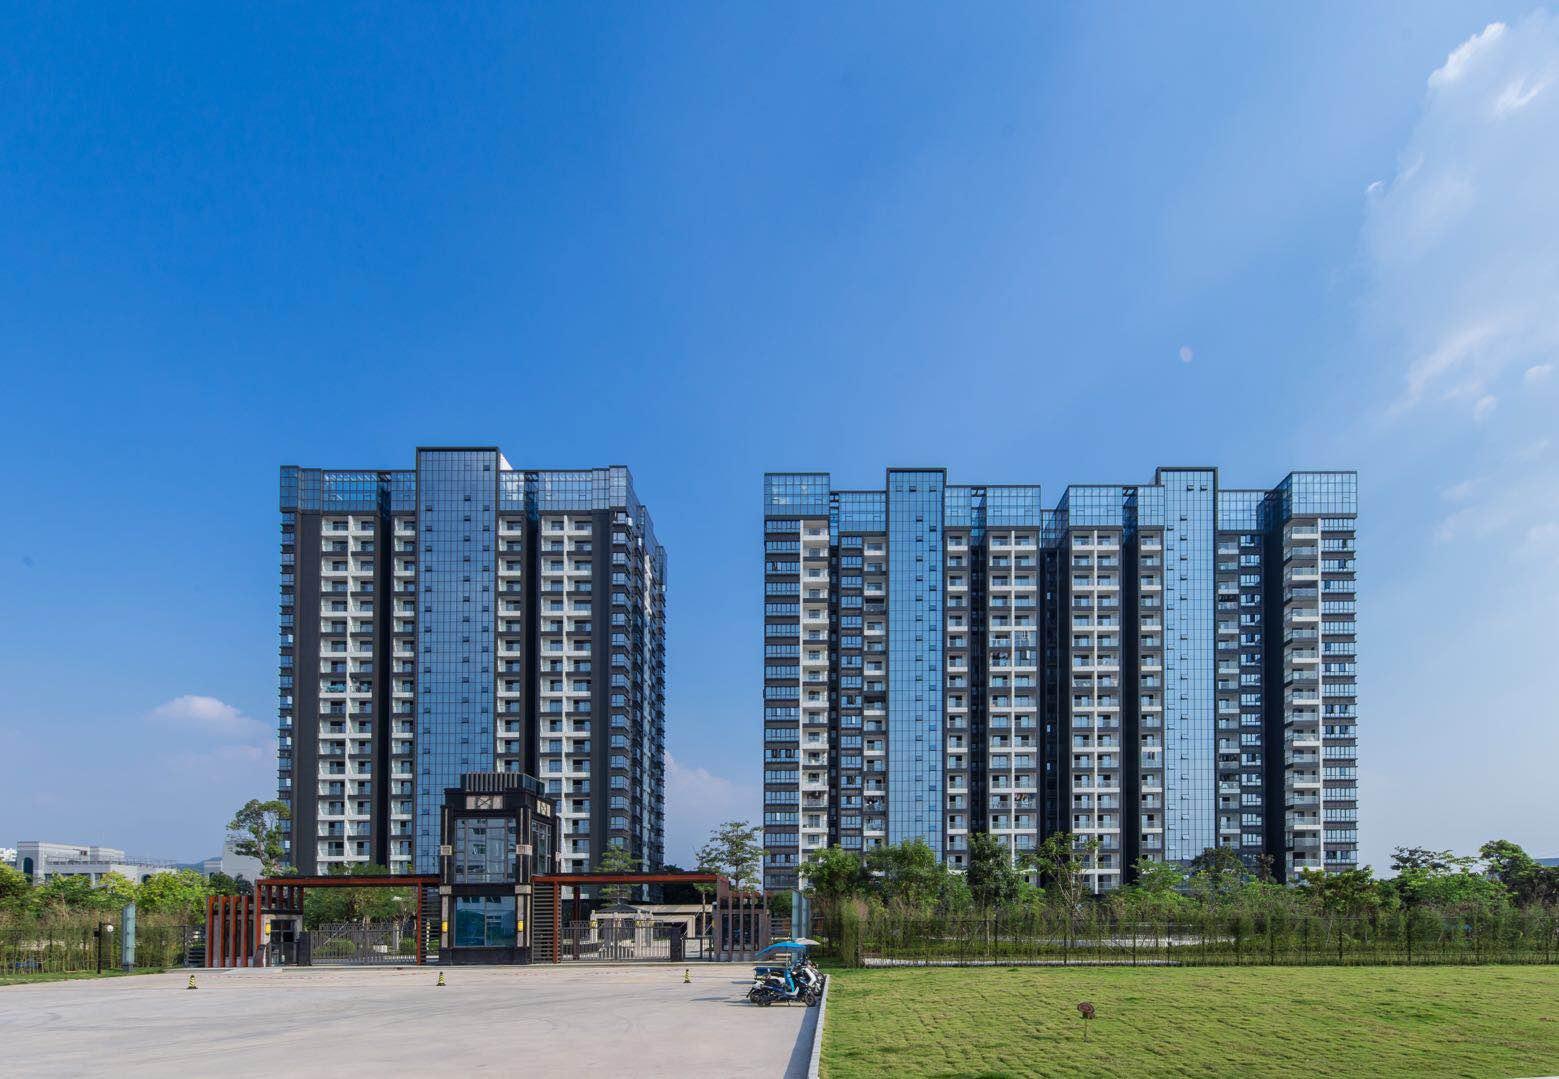 石岩-山水悦城4栋花园社区房首付28万起入住小两房